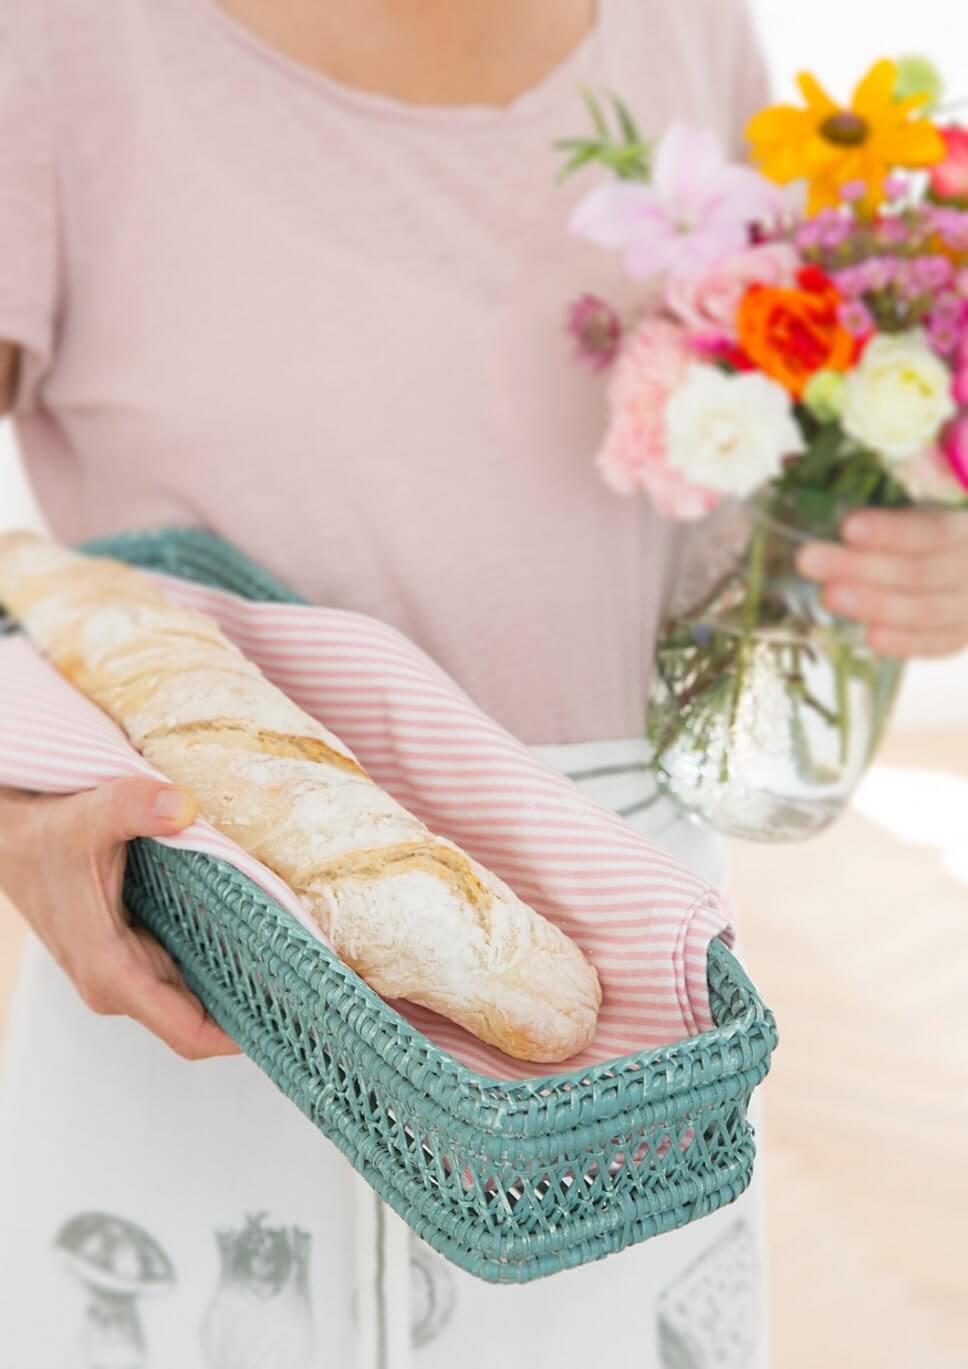 Frau trägt Blumenstrauß und Korb mit Baguette